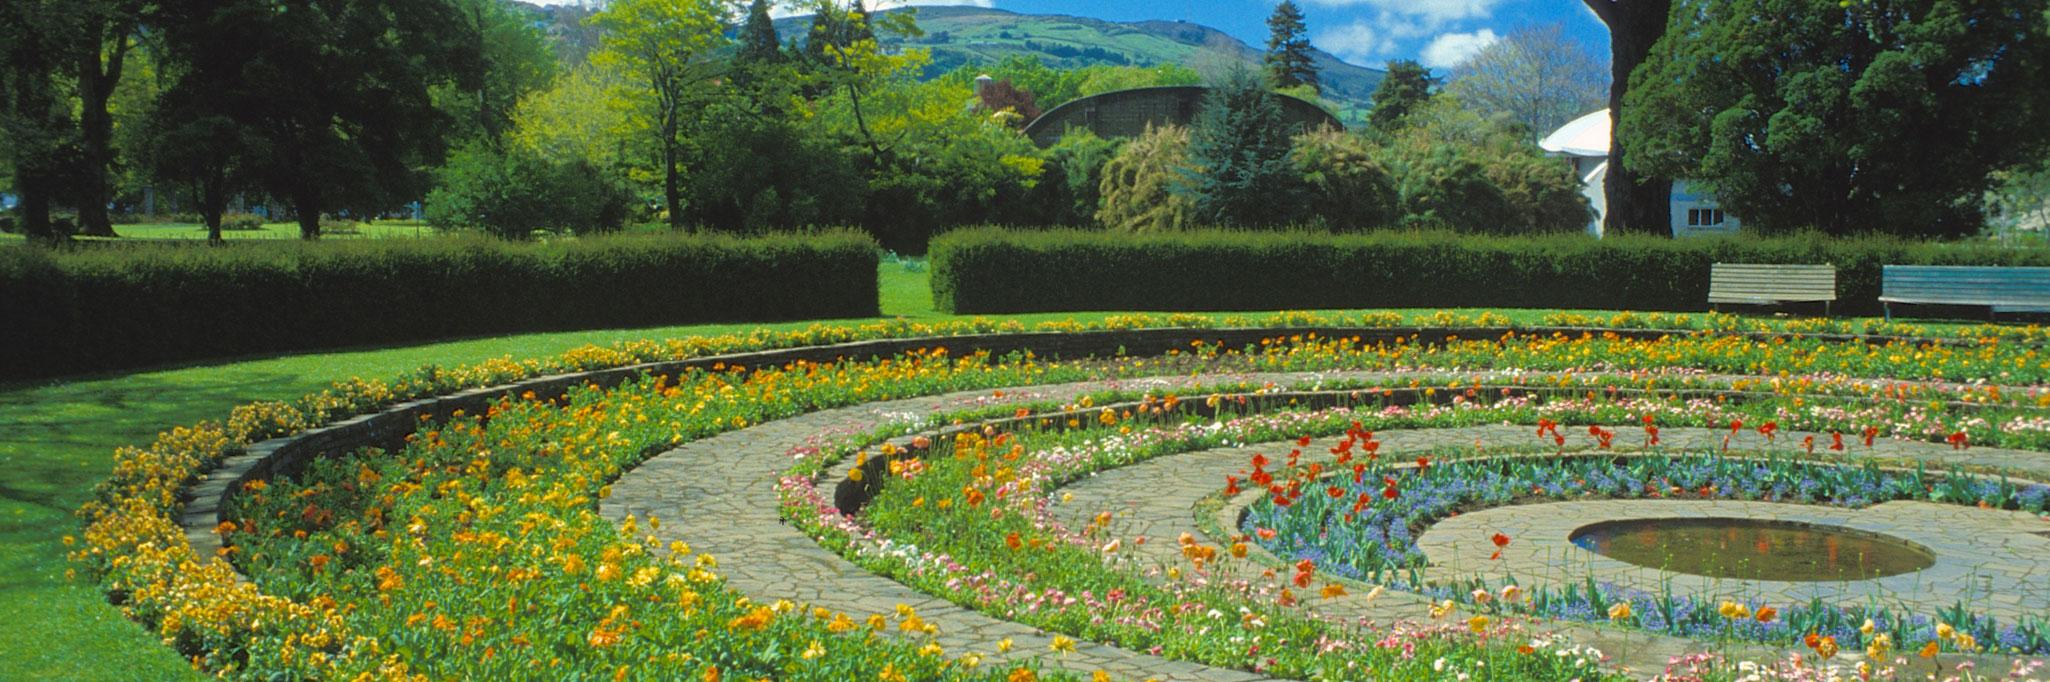 Landscape Architect   Landscape Design Services on